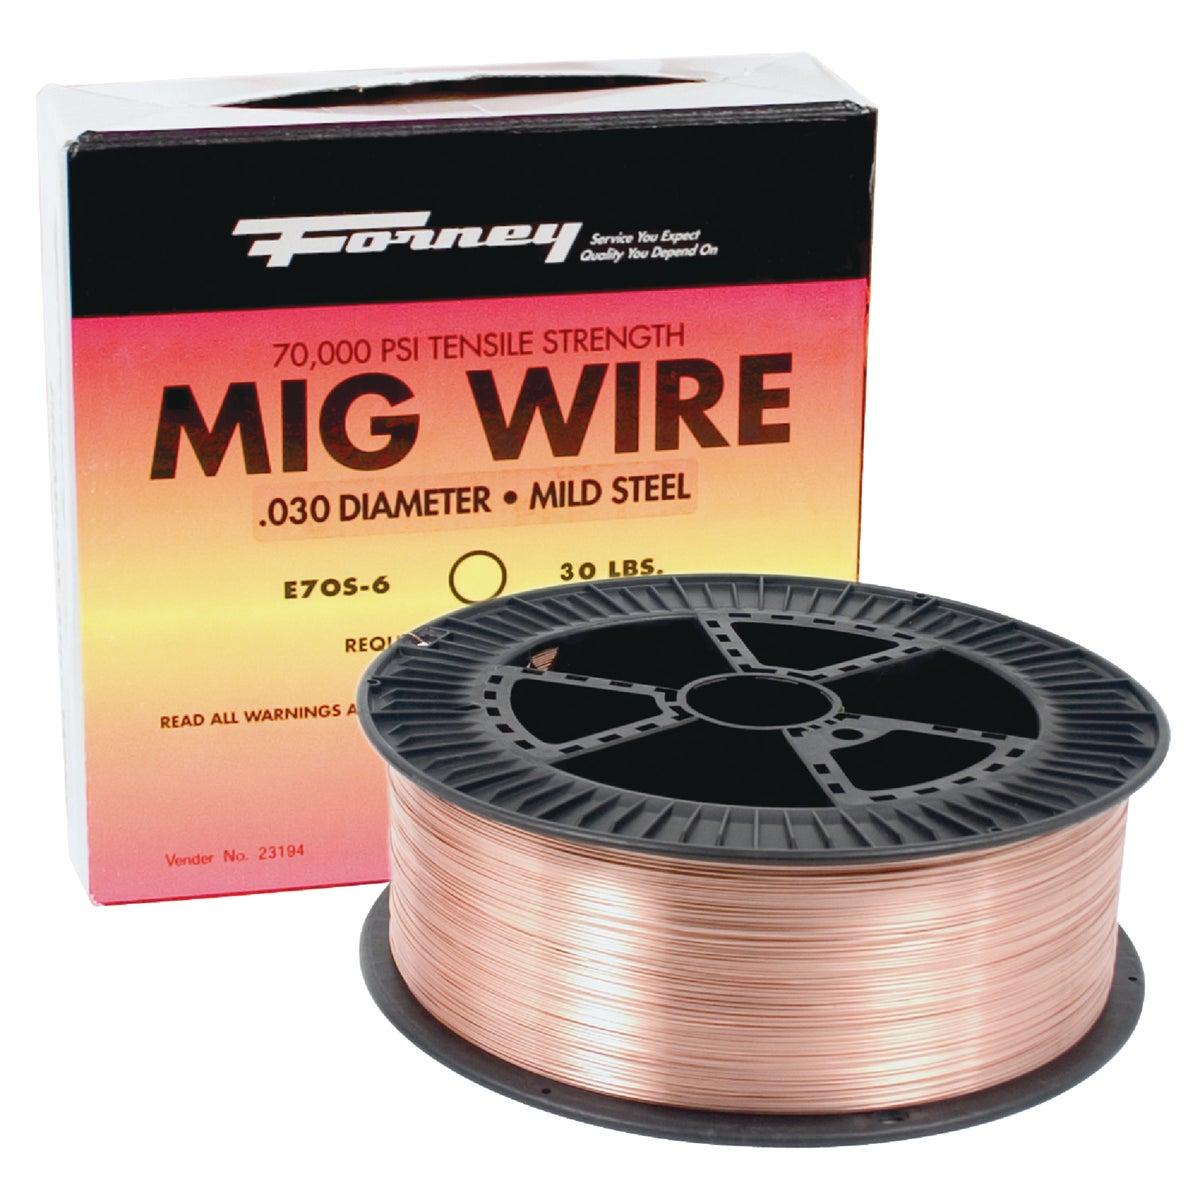 30LB .035 E70S6 MIG WIRE